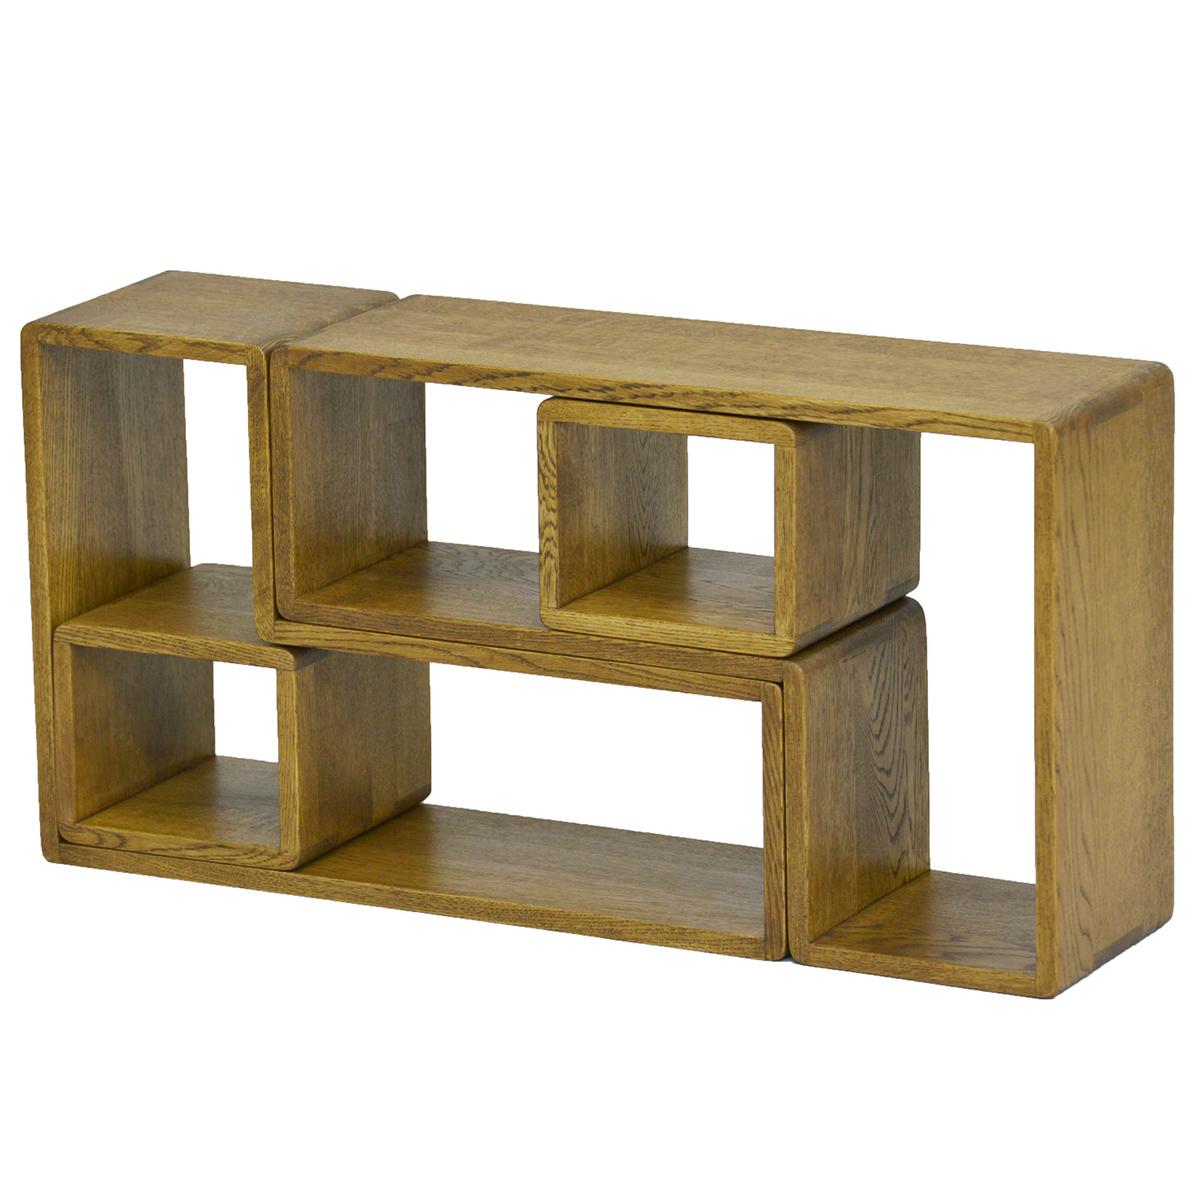 木製 おしゃれ 北欧 ラック ダーウィン ボックス 小 BOX付 ダーク色